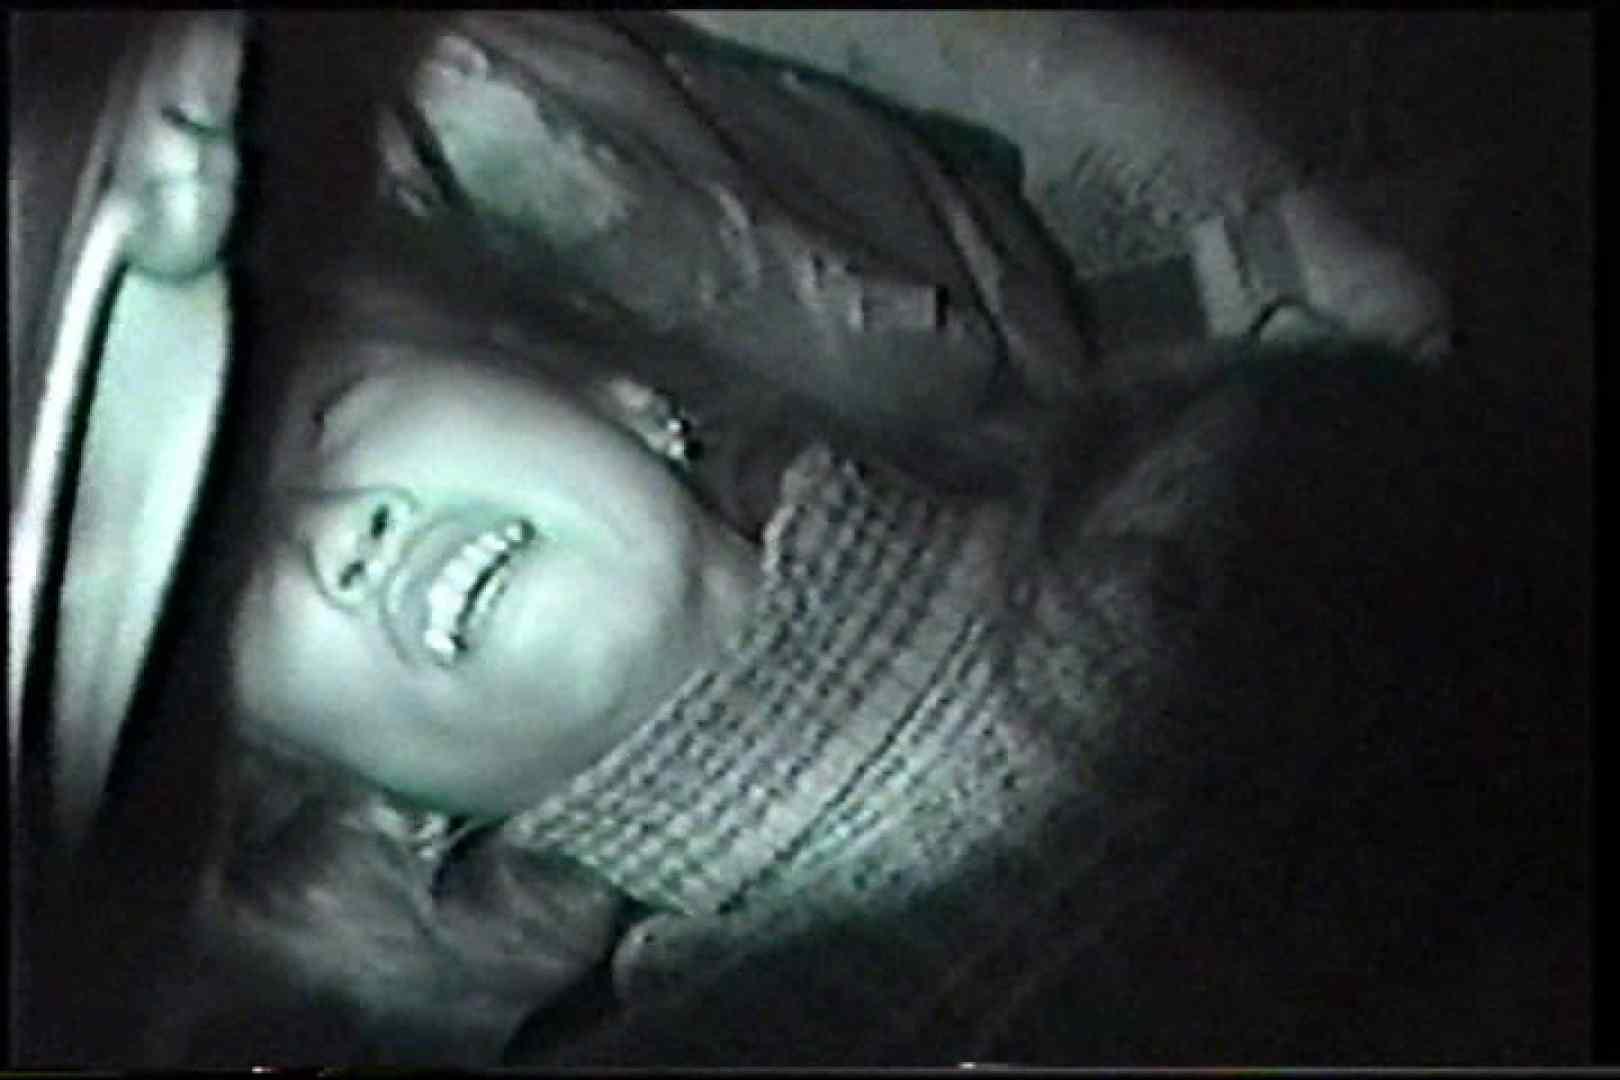 充血監督の深夜の運動会Vol.214 後編. カップル えろ無修正画像 96pic 73